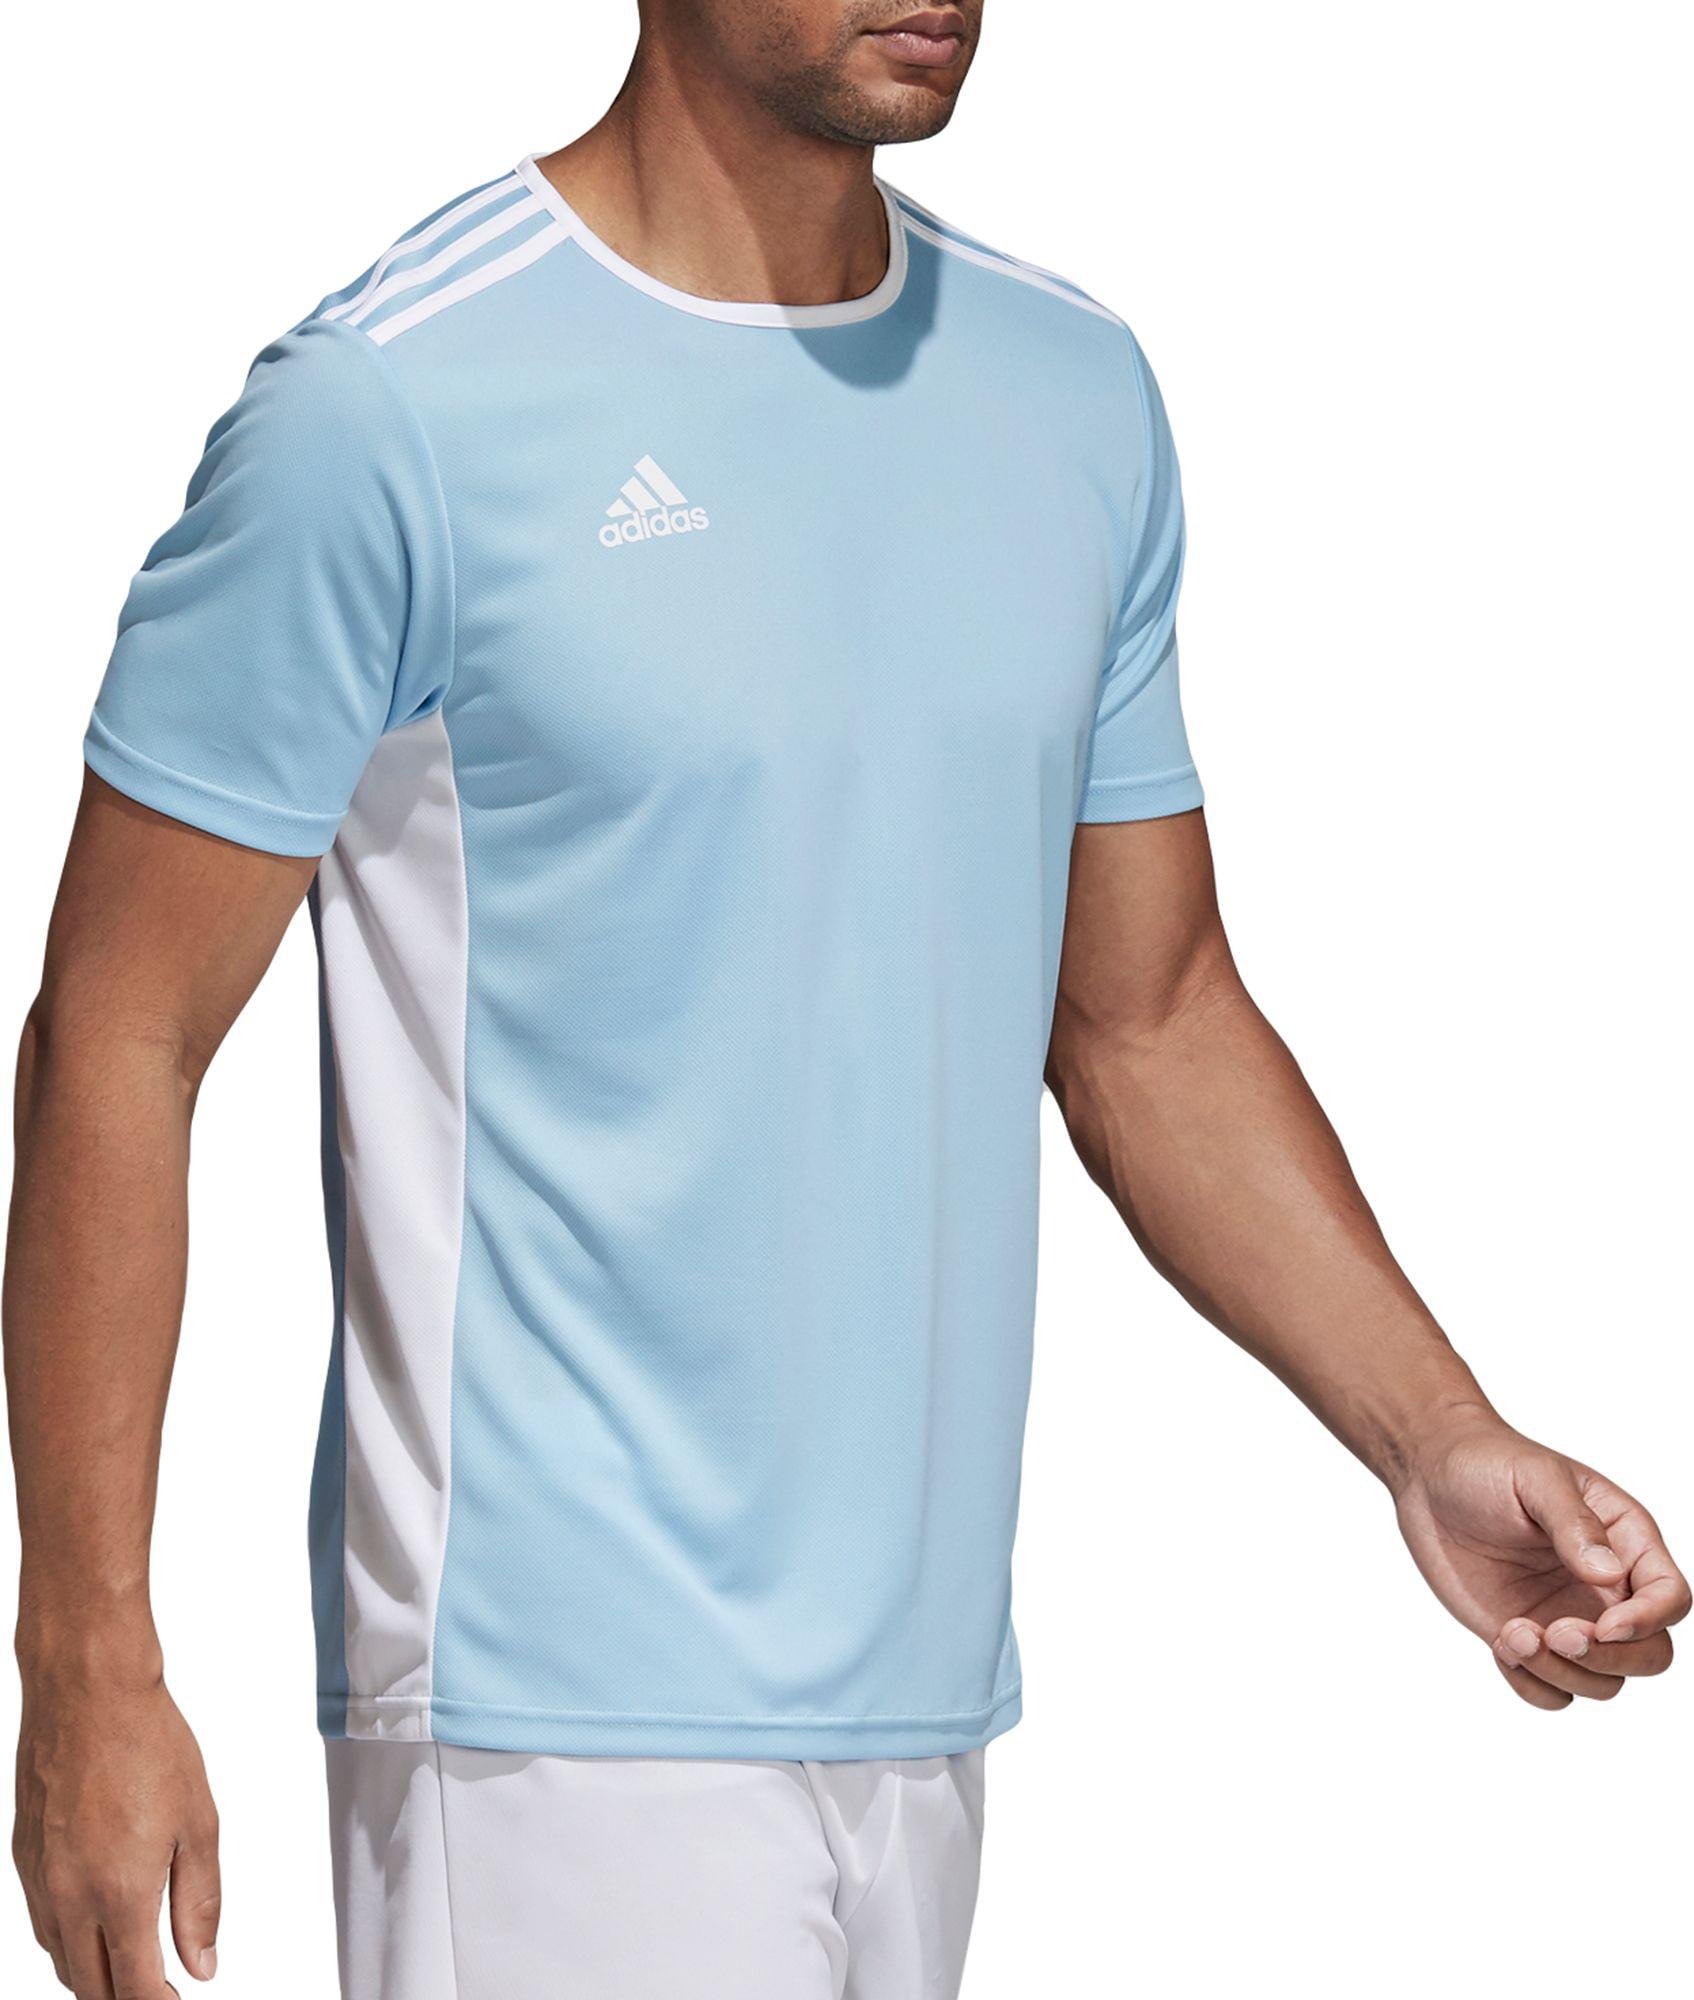 adidas men's entrada 18 soccer jersey